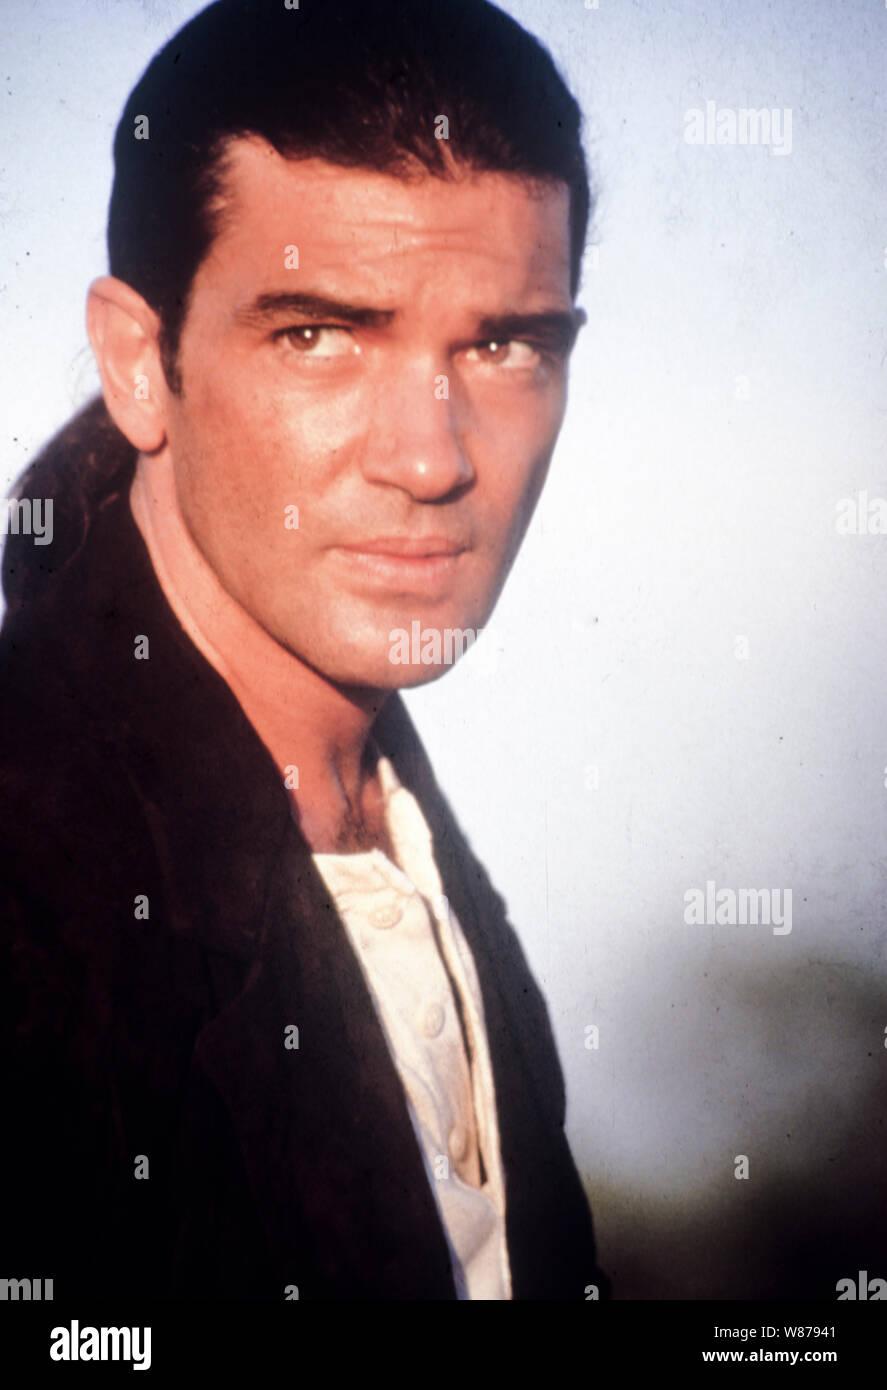 Antonio Banderas Desperado High Resolution Stock Photography And Images Alamy